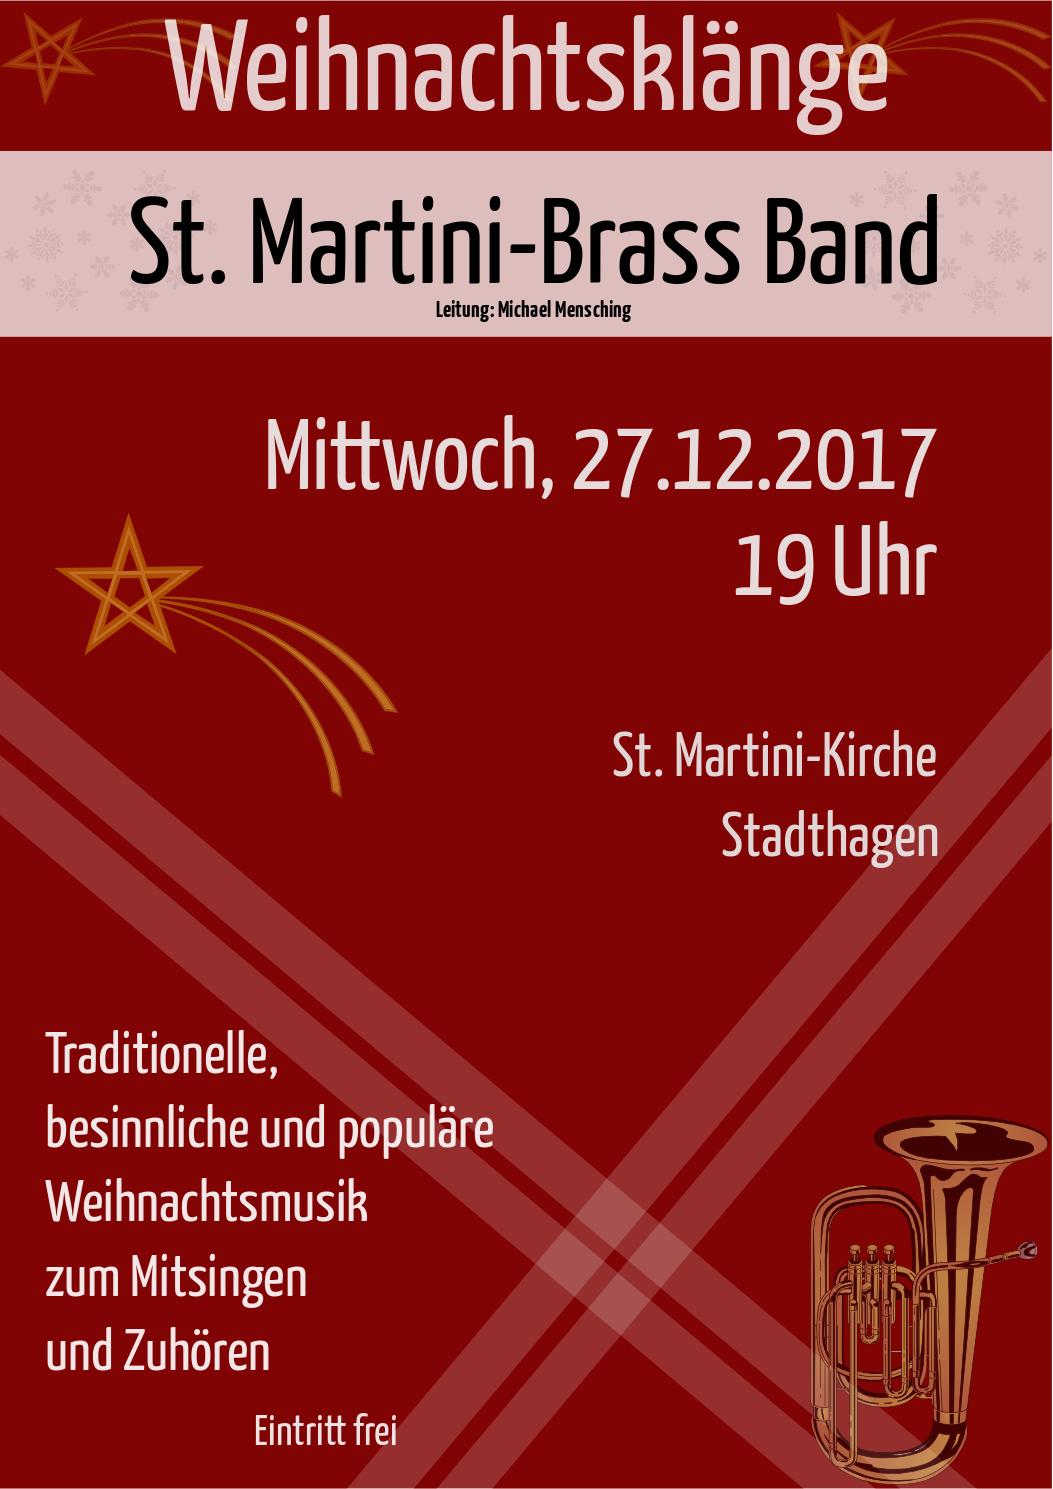 Plakat zum Weihnachtskonzert der St. Martini Brass Band 2017.